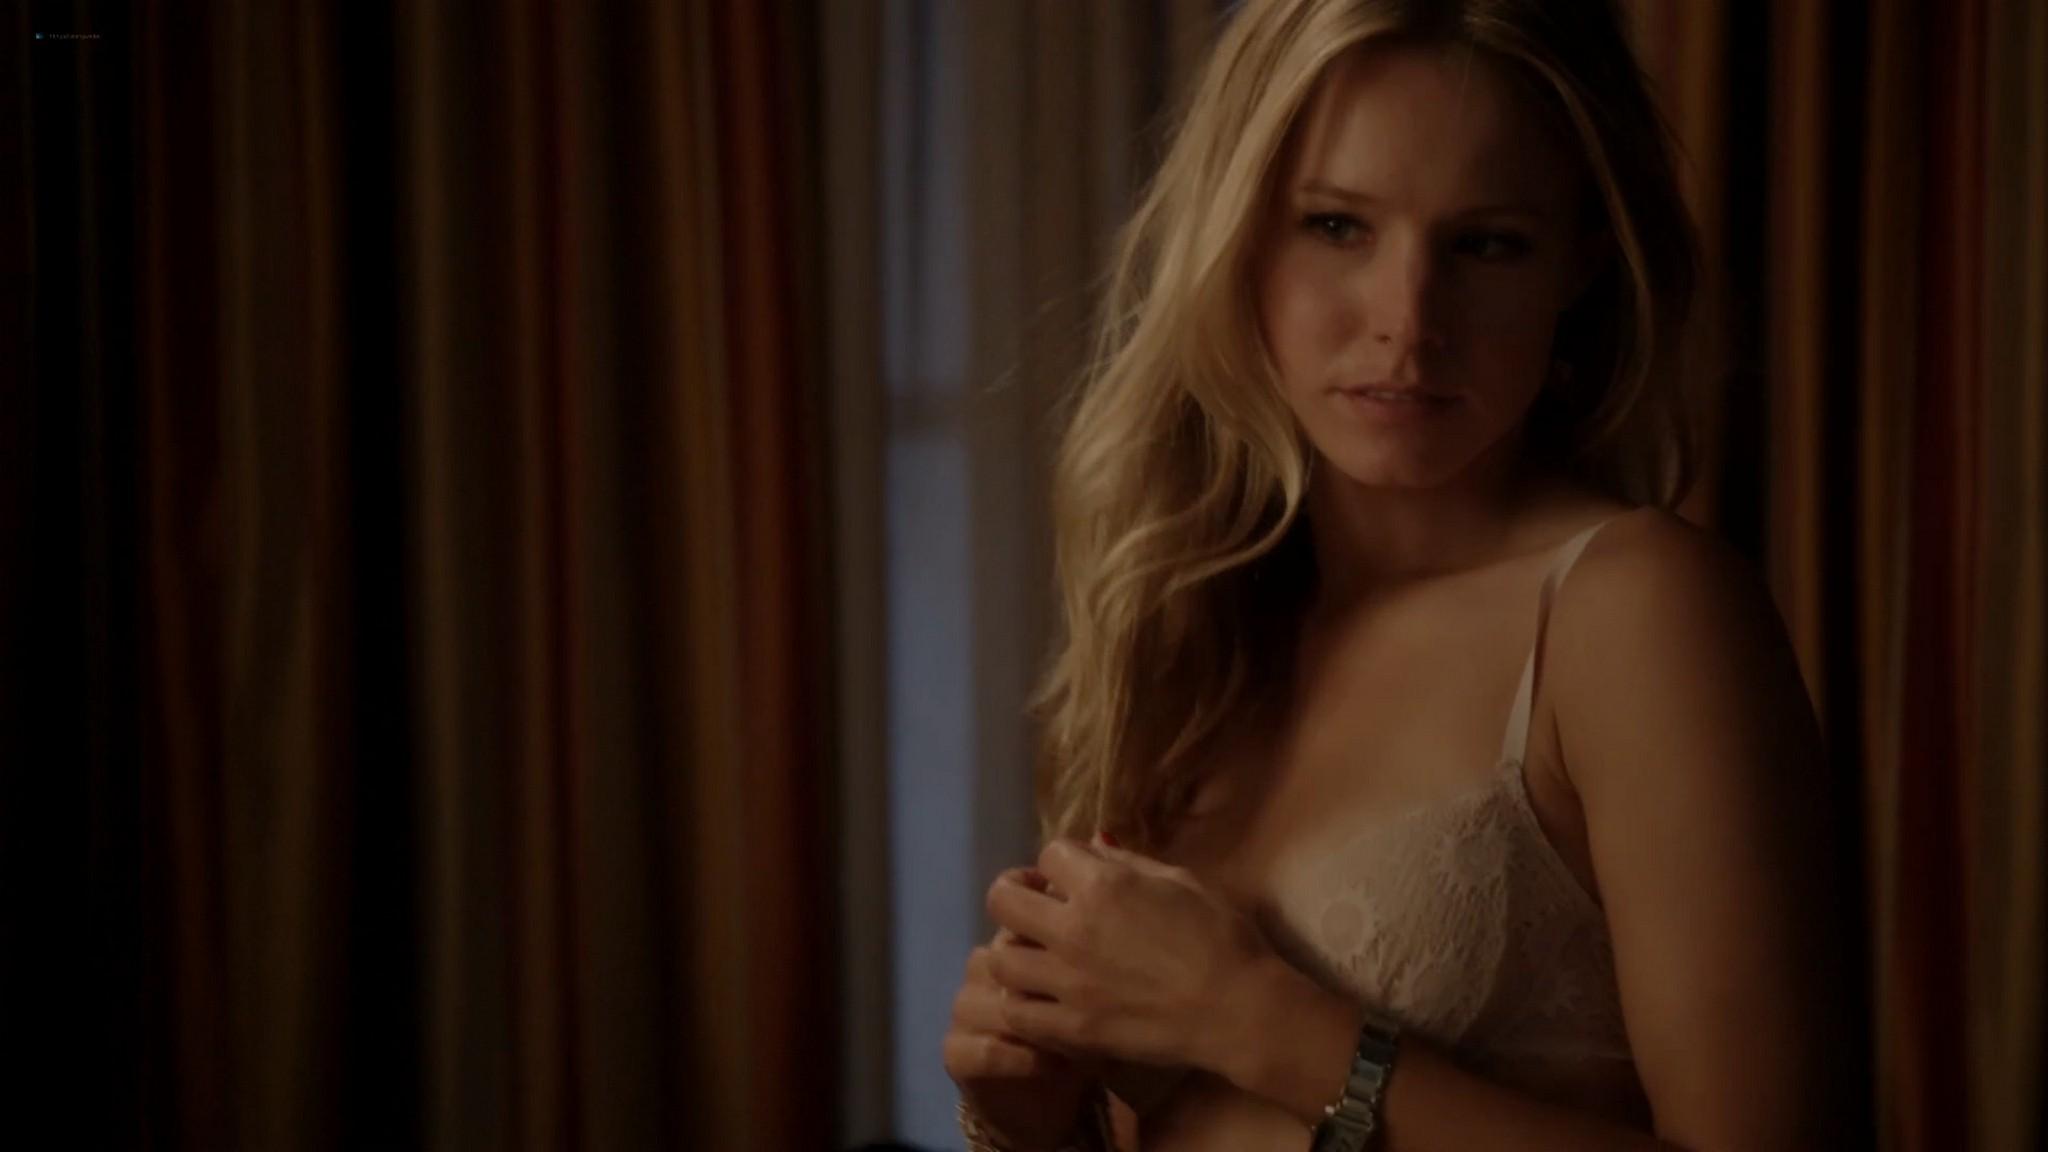 Kristen Bell hot sex Amy Landecker nude boobs House of Lies 2012 s1e3 4 1080p Web 9